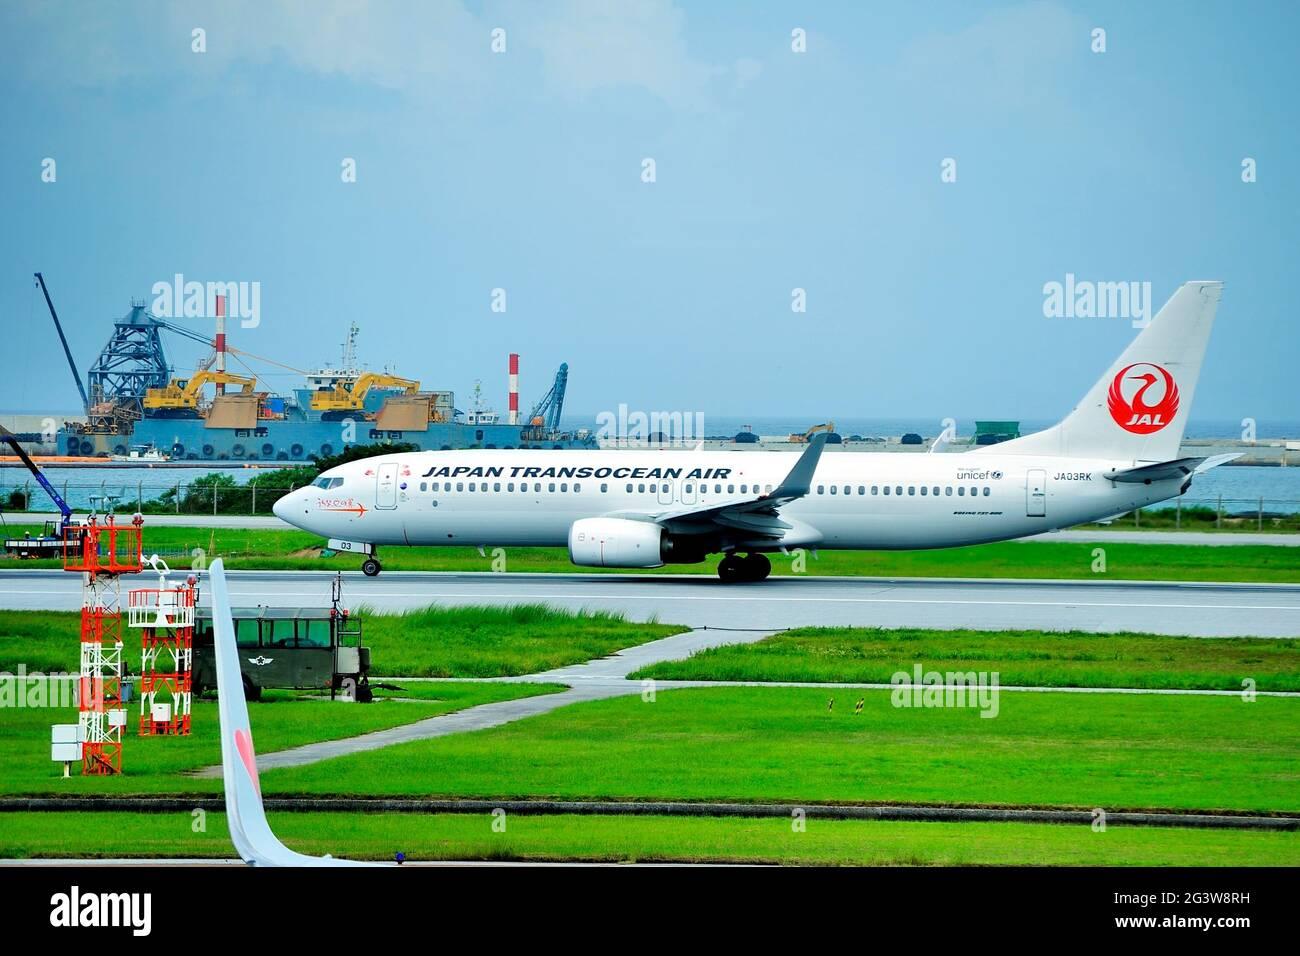 Japan Transocean Air, JTA, Boeing, B-737/800, JA03RK, Take Off, Naha Airport, Naha, Okinawa, Ryukyu Islands, Japan Stock Photo